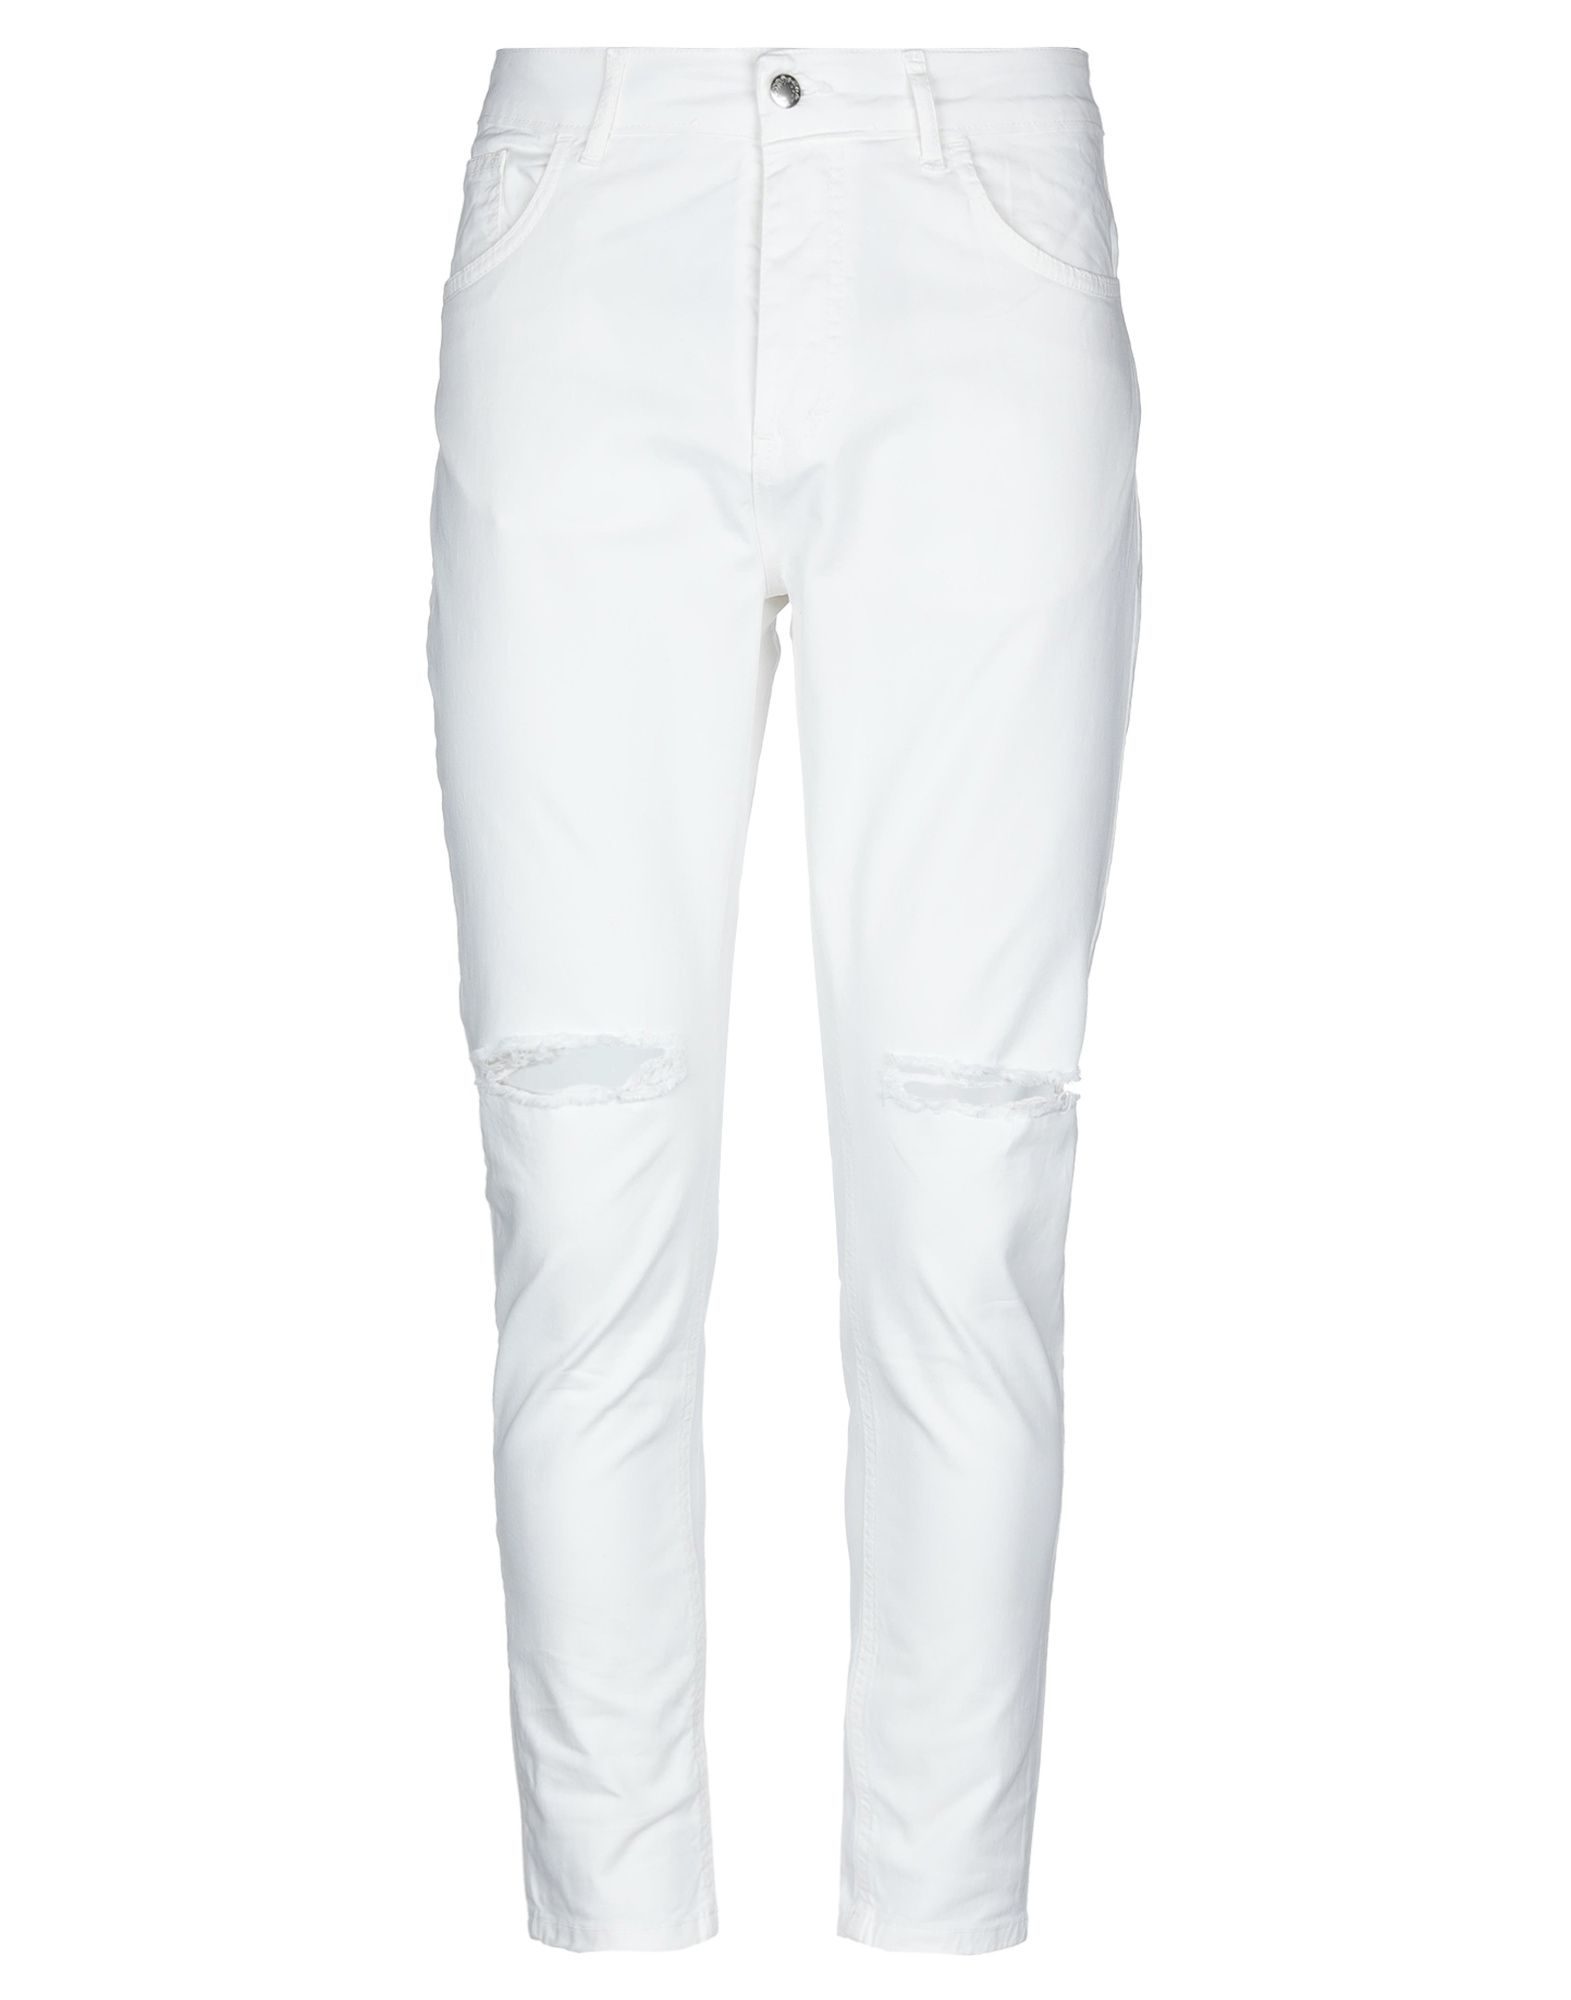 MIX DE RIEN Повседневные брюки цена 2017